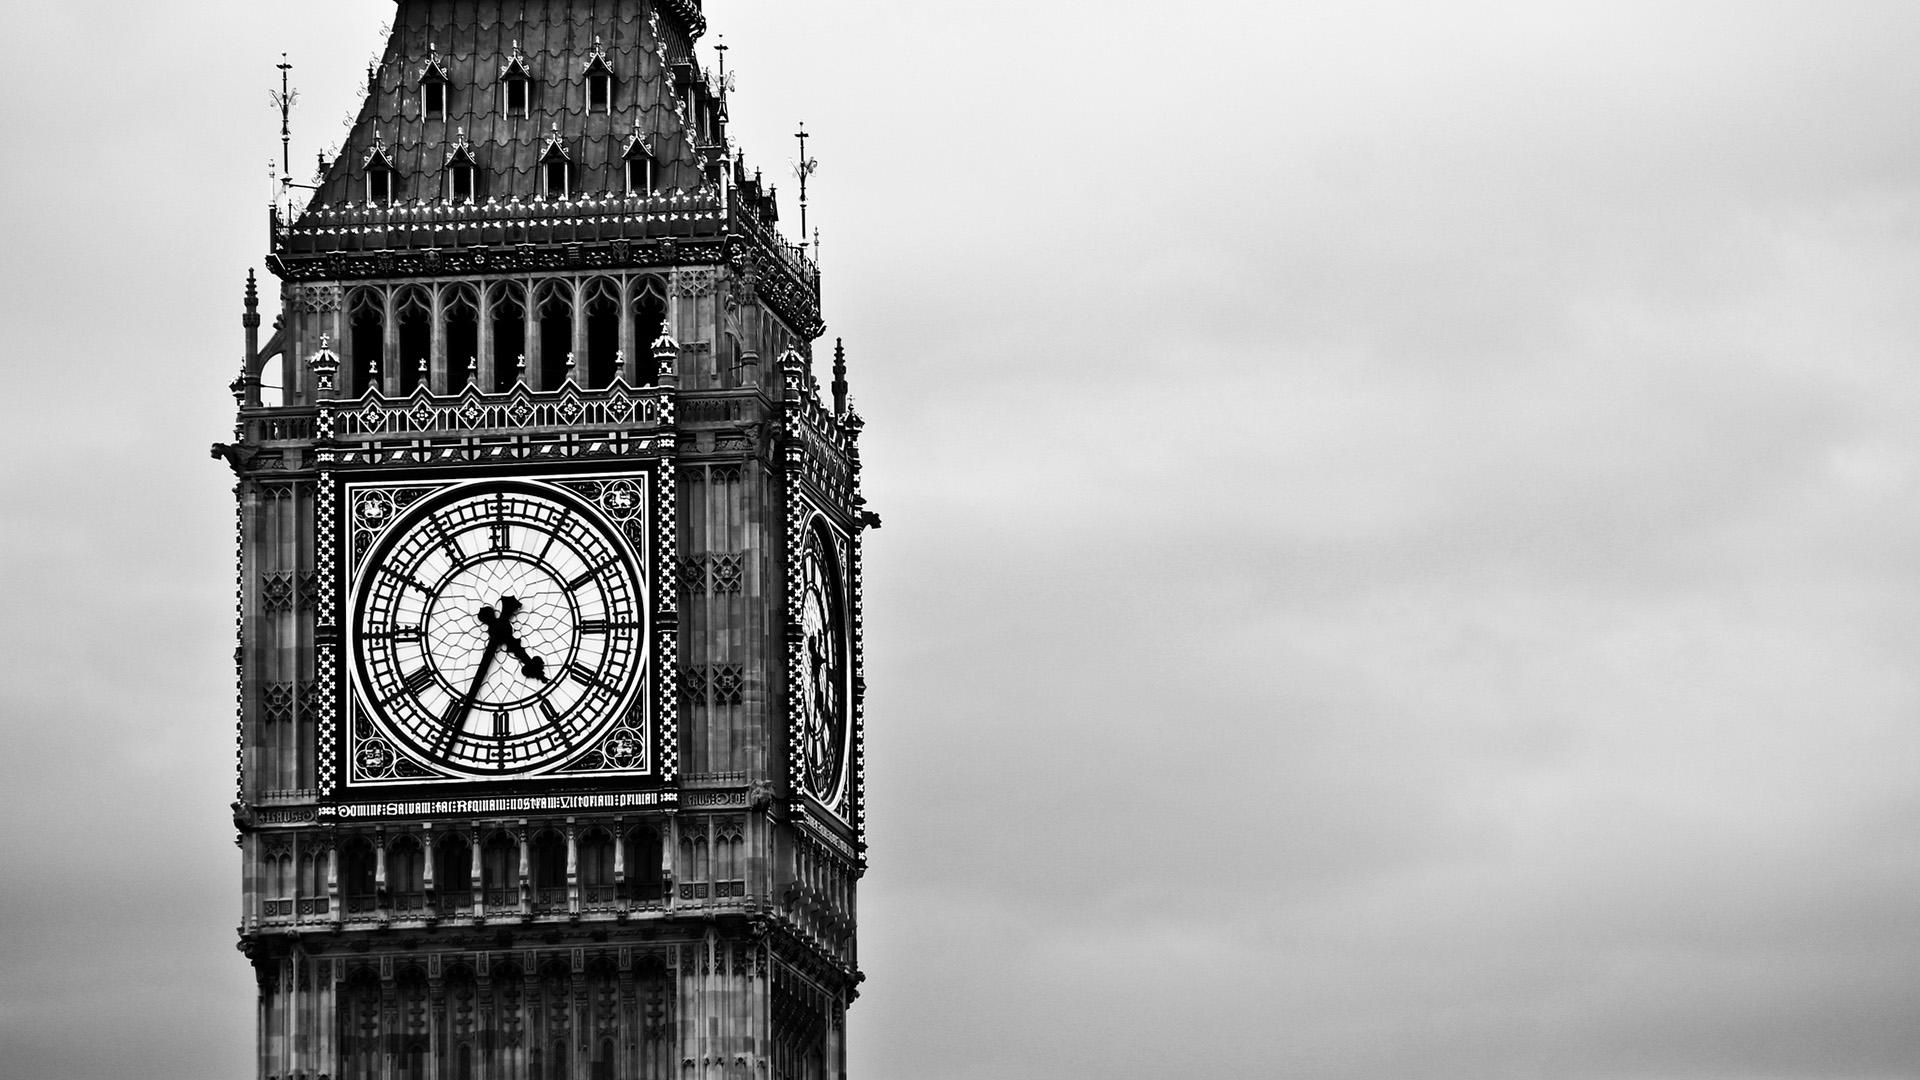 Đồng hồ Big Ben của Anh để làm nền cho đồng hồ đếm ngược